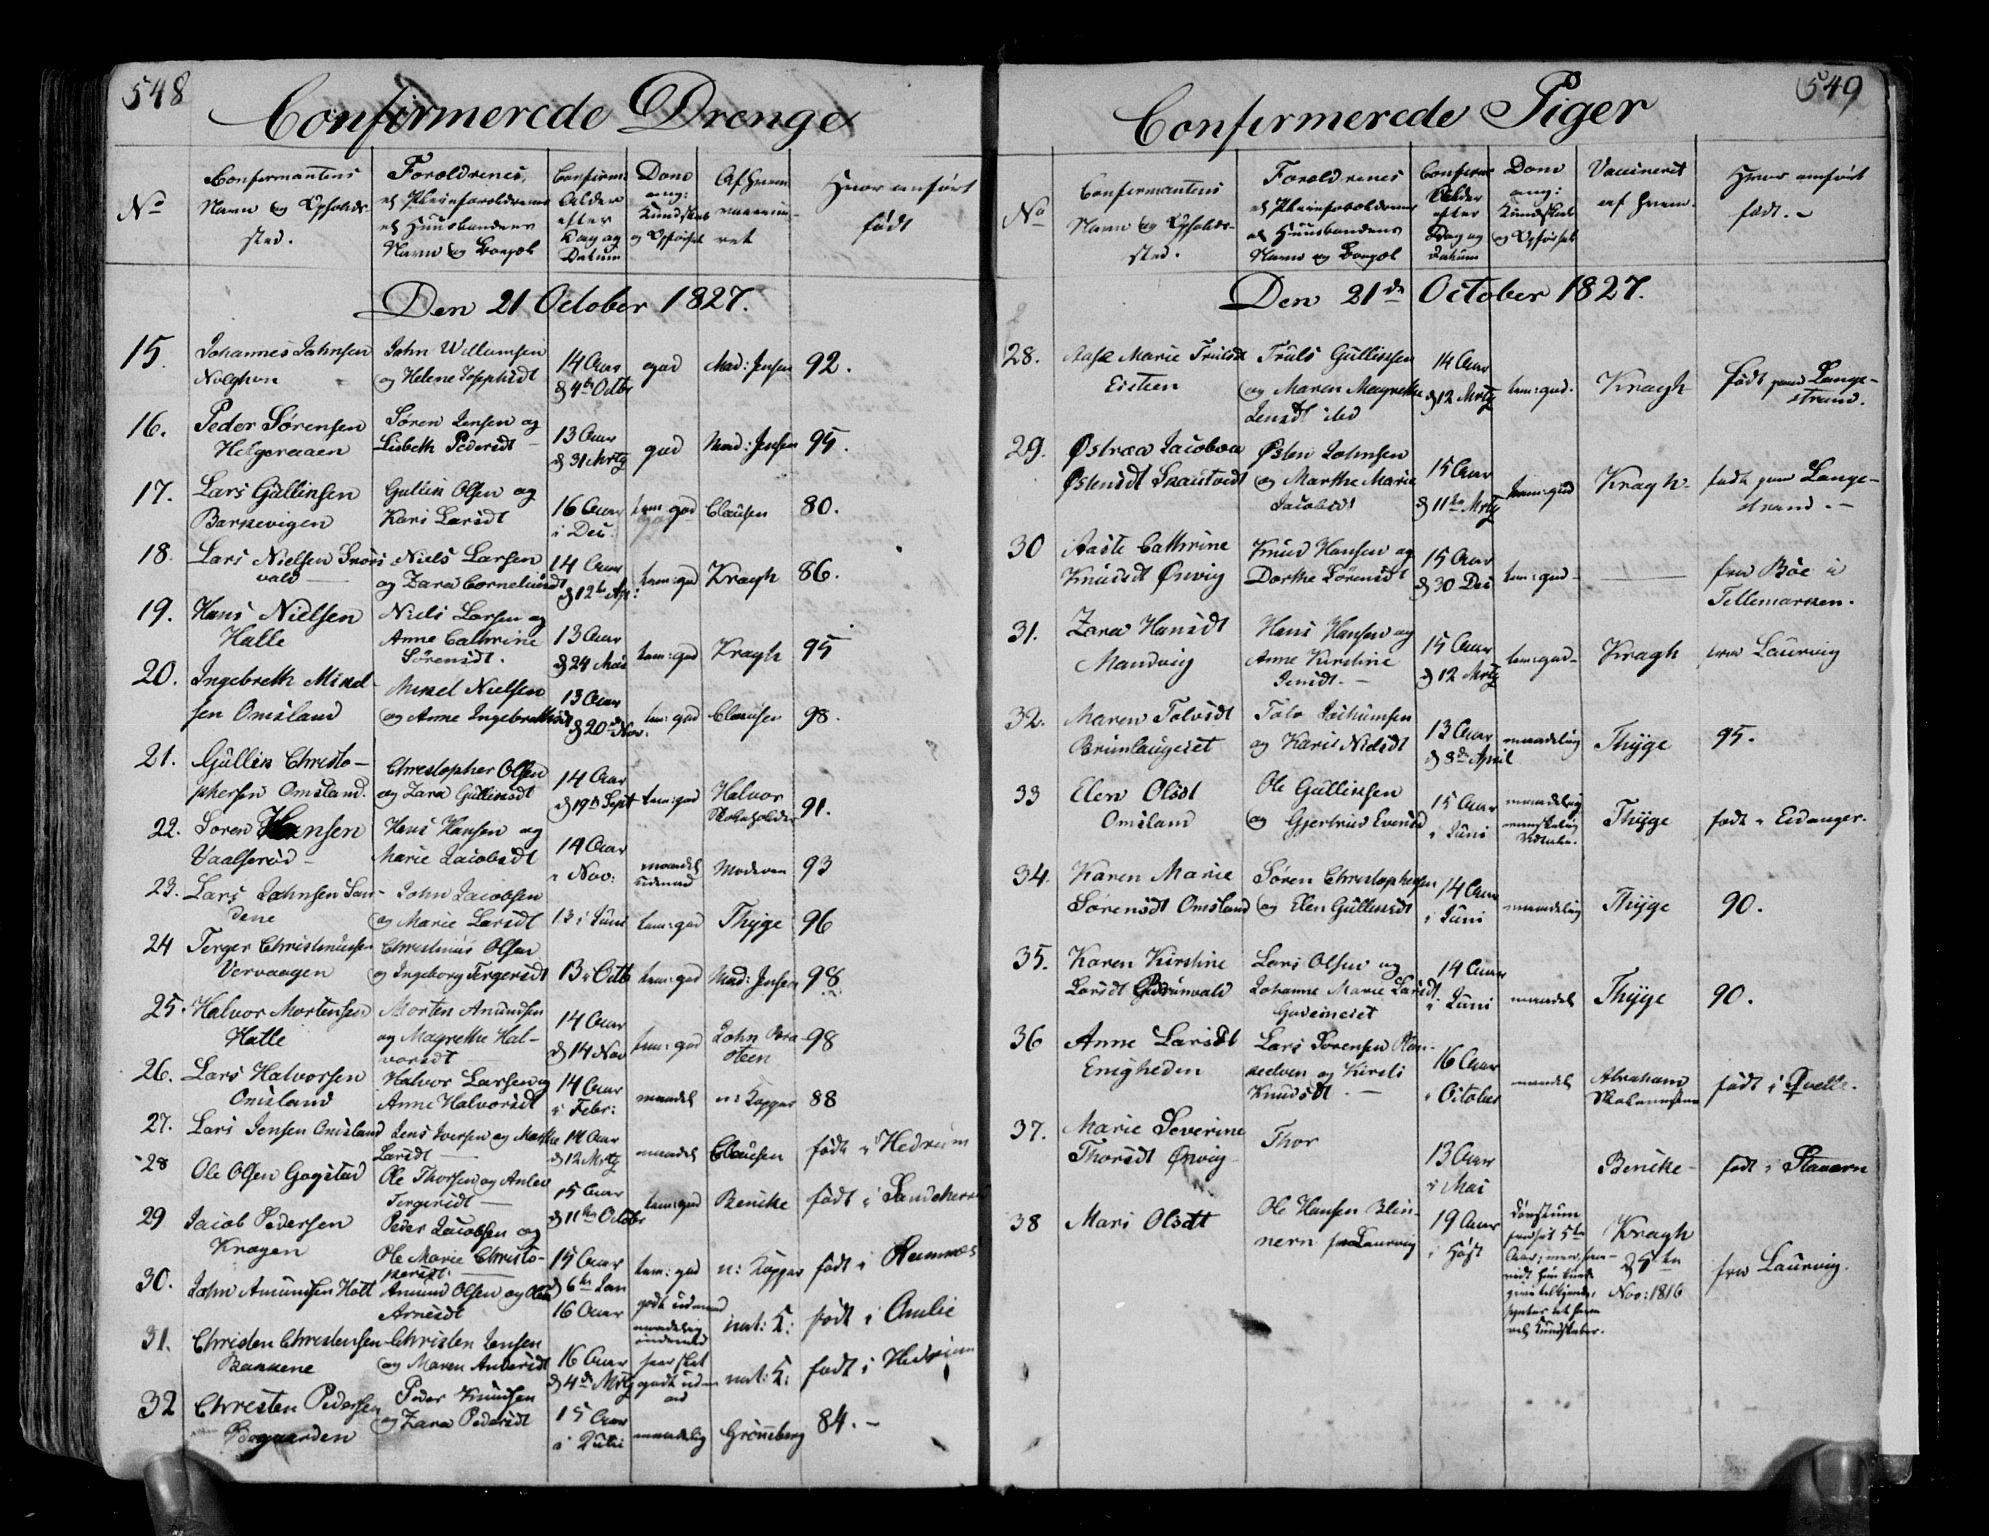 SAKO, Brunlanes kirkebøker, F/Fa/L0002: Ministerialbok nr. I 2, 1802-1834, s. 548-549